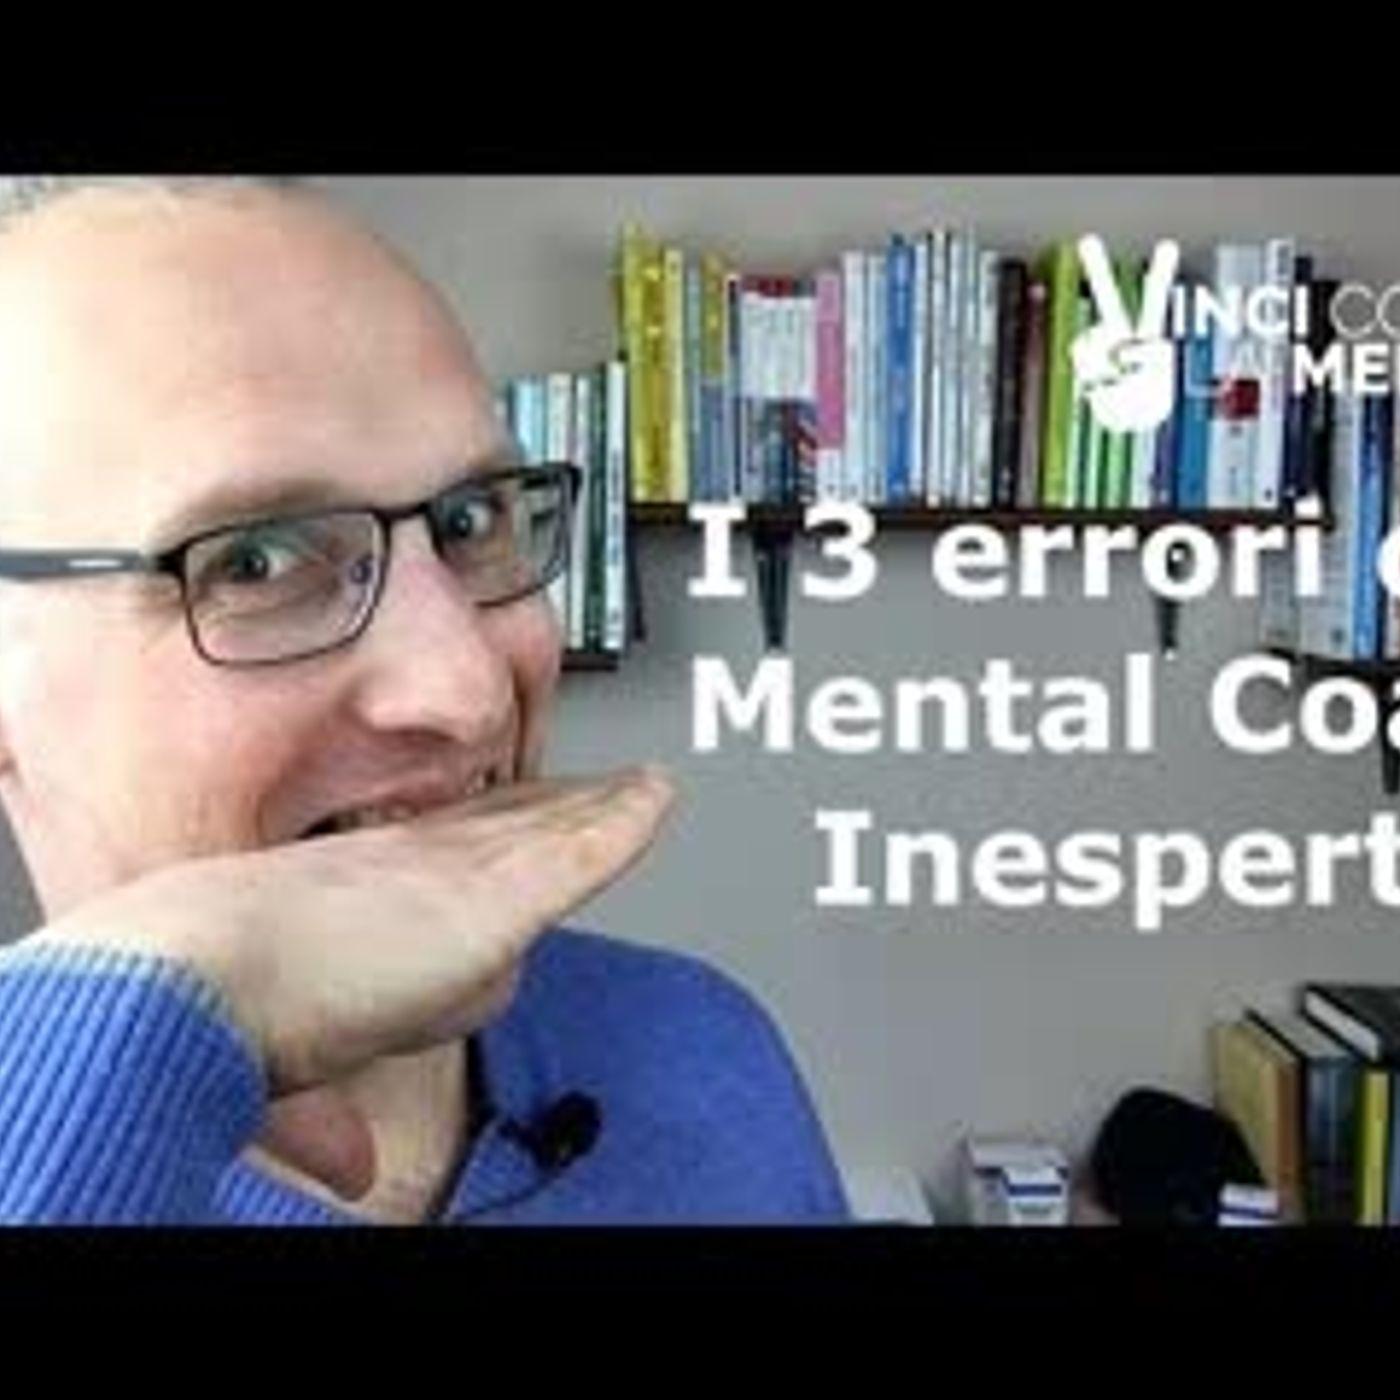 I 3 errori che fanno i mental coach inesperti - Perle di Coaching